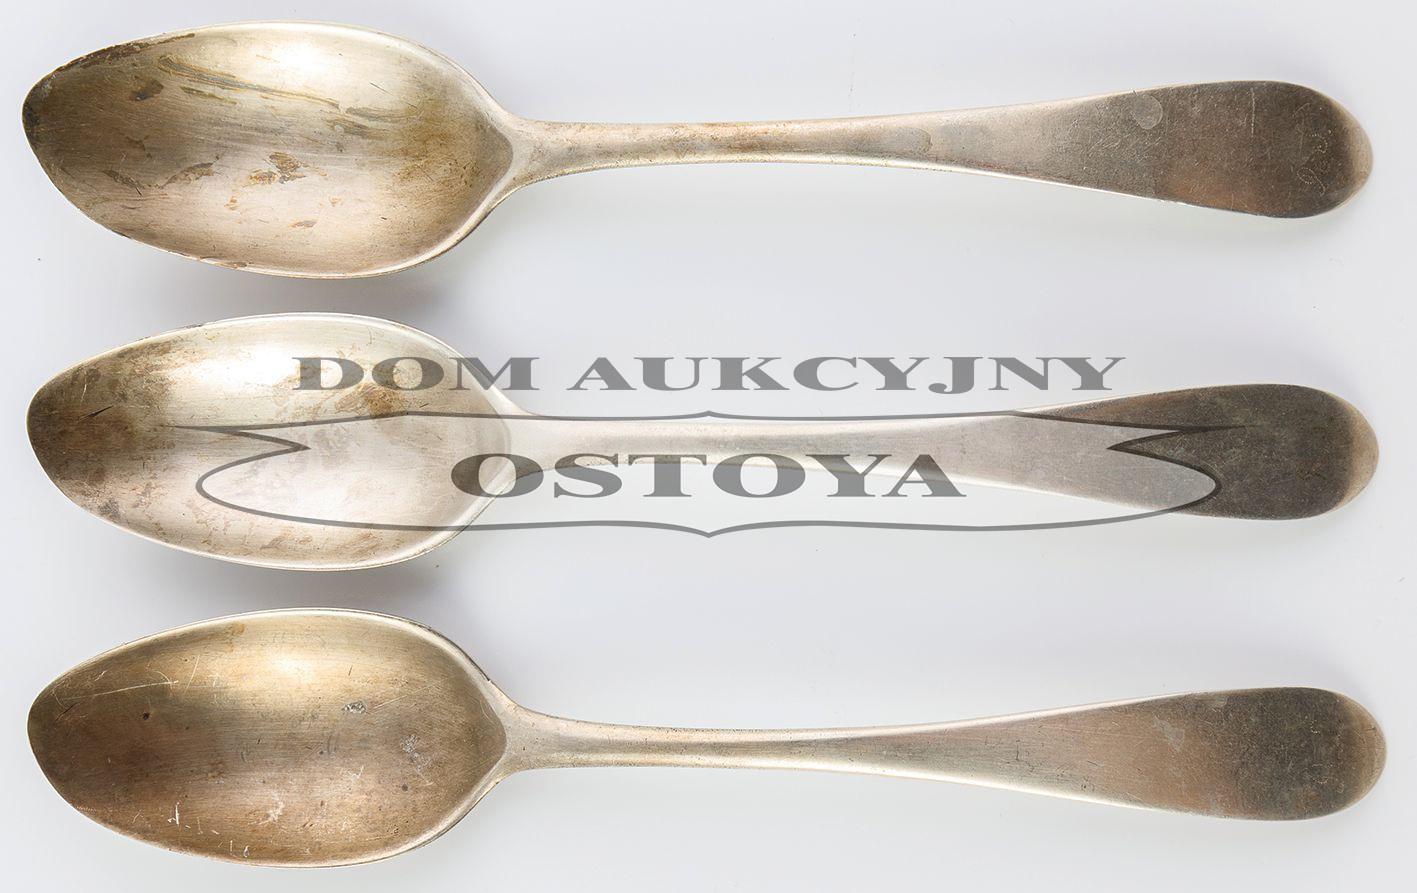 TRZY ŁYŻKI Z MONOGRAMEM RS, Polska, Warszawa, Szymon Stanecki, ok. 1810